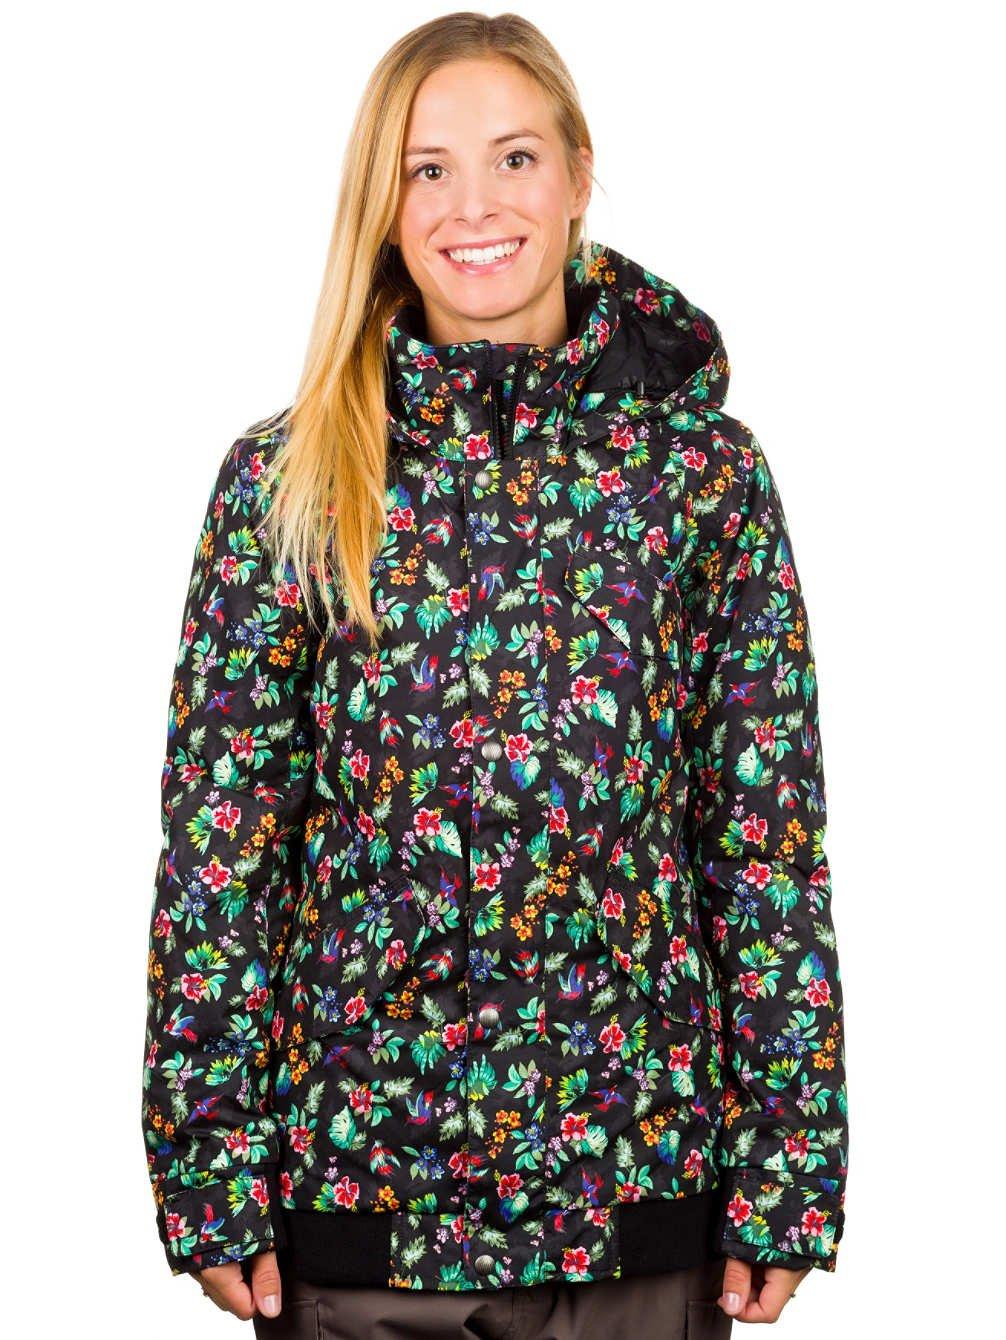 Burton Damen Snowboardjacke W TWC Damsels Jacket günstig bestellen